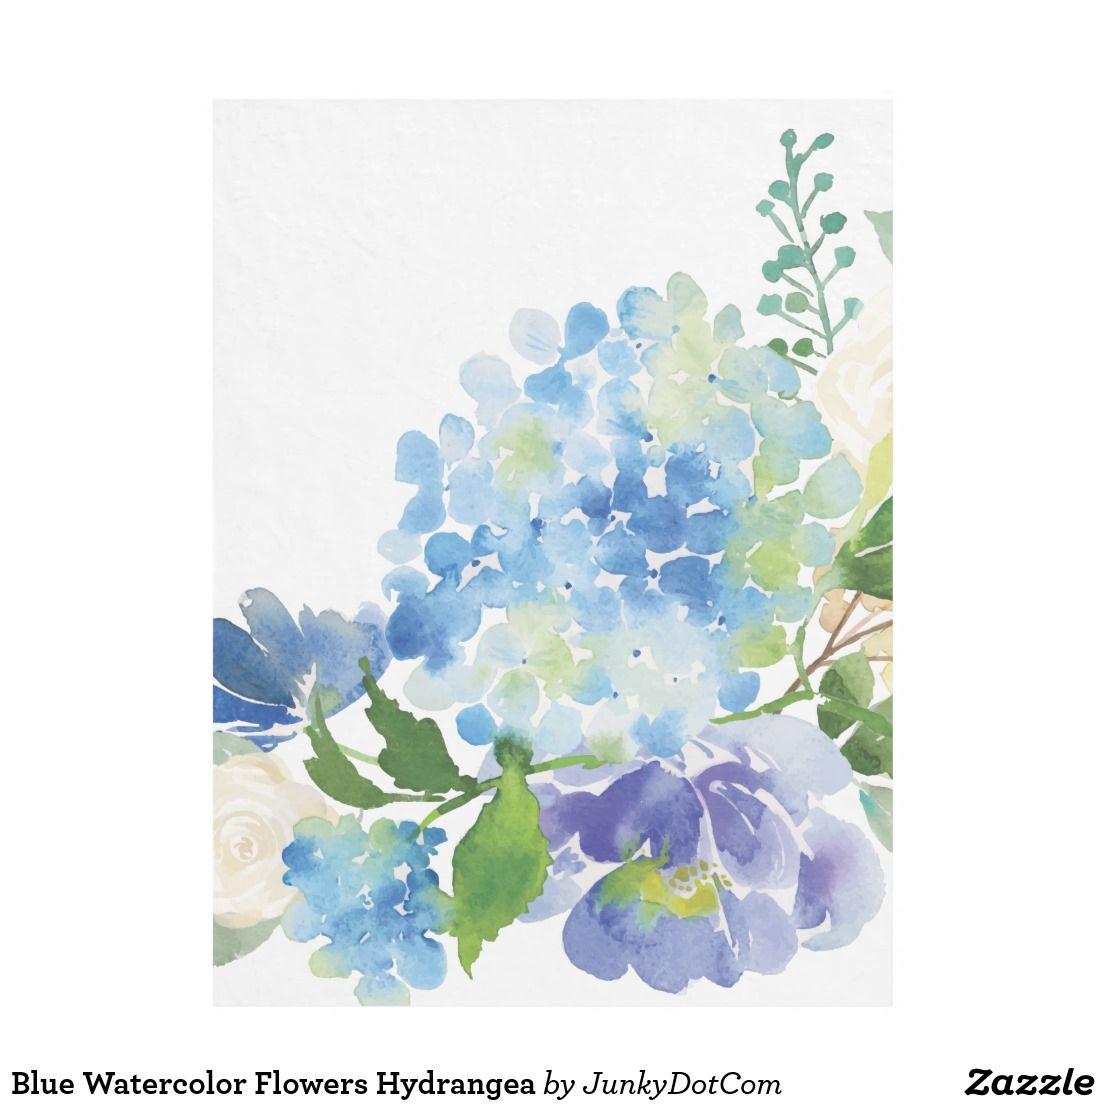 Blue Watercolor Flowers Hydrangea Fleece Blanket Watercolor Hydrangea Floral Watercolor Watercolor Flowers